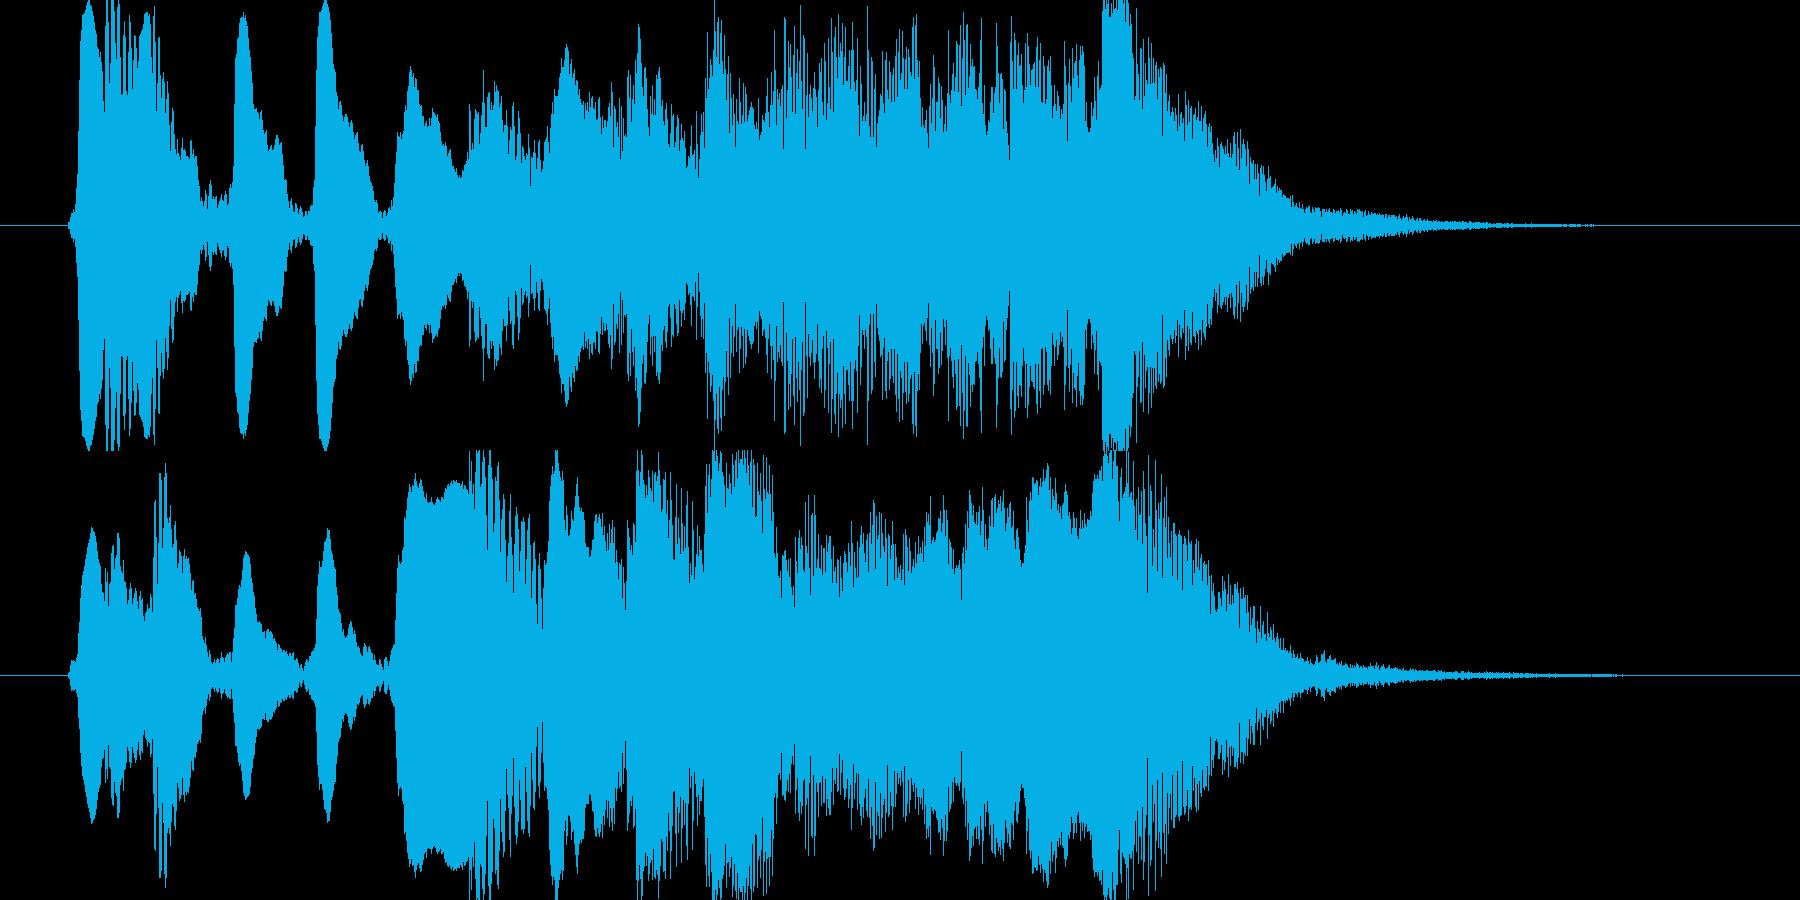 フルート使用のコミカルなジングルの再生済みの波形